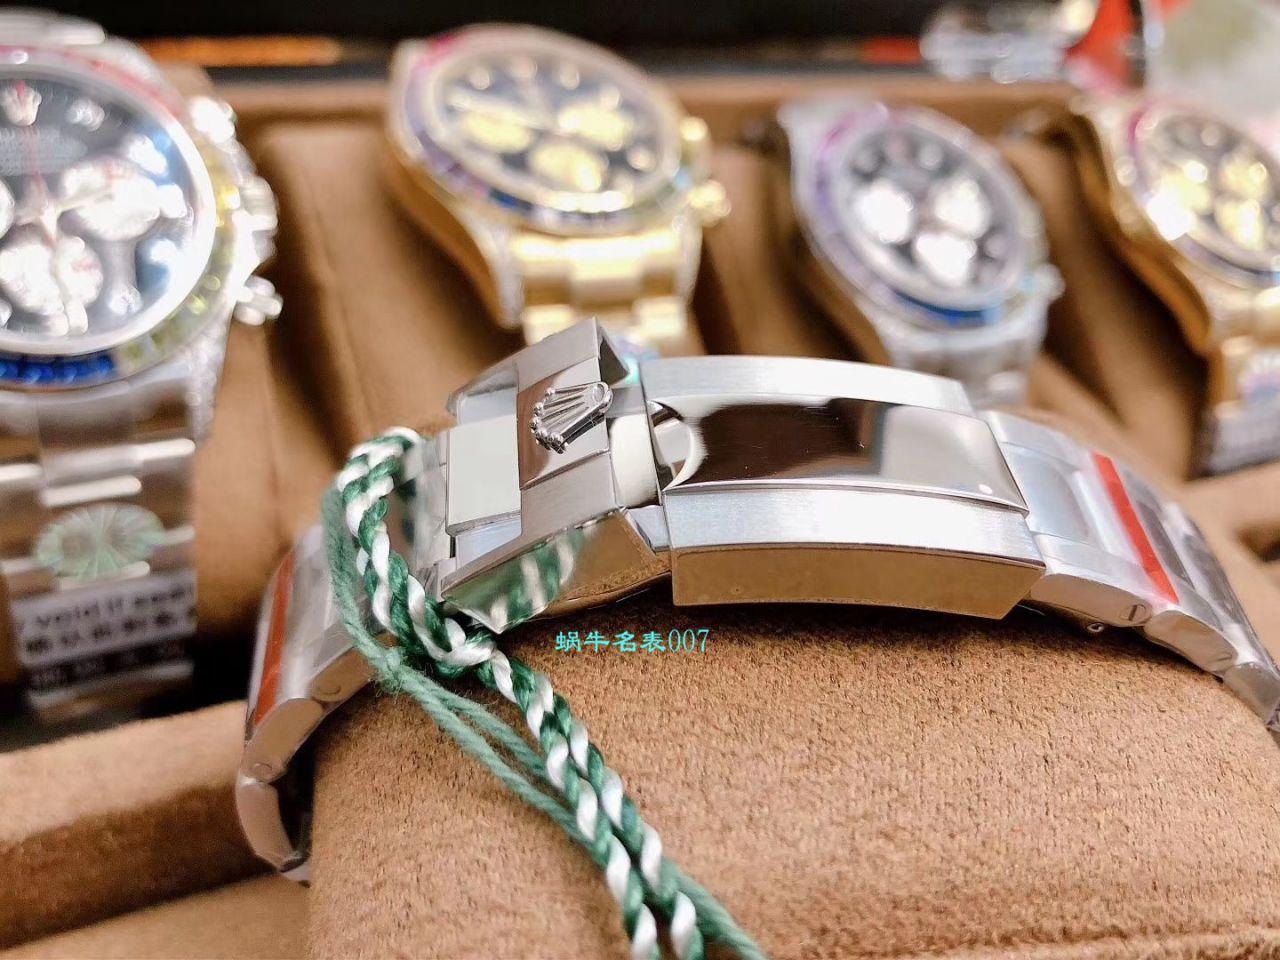 BL厂顶级复刻劳力士迪通拿彩虹迪116599 RBOW,116595 RBOW,116598 RBOW腕表